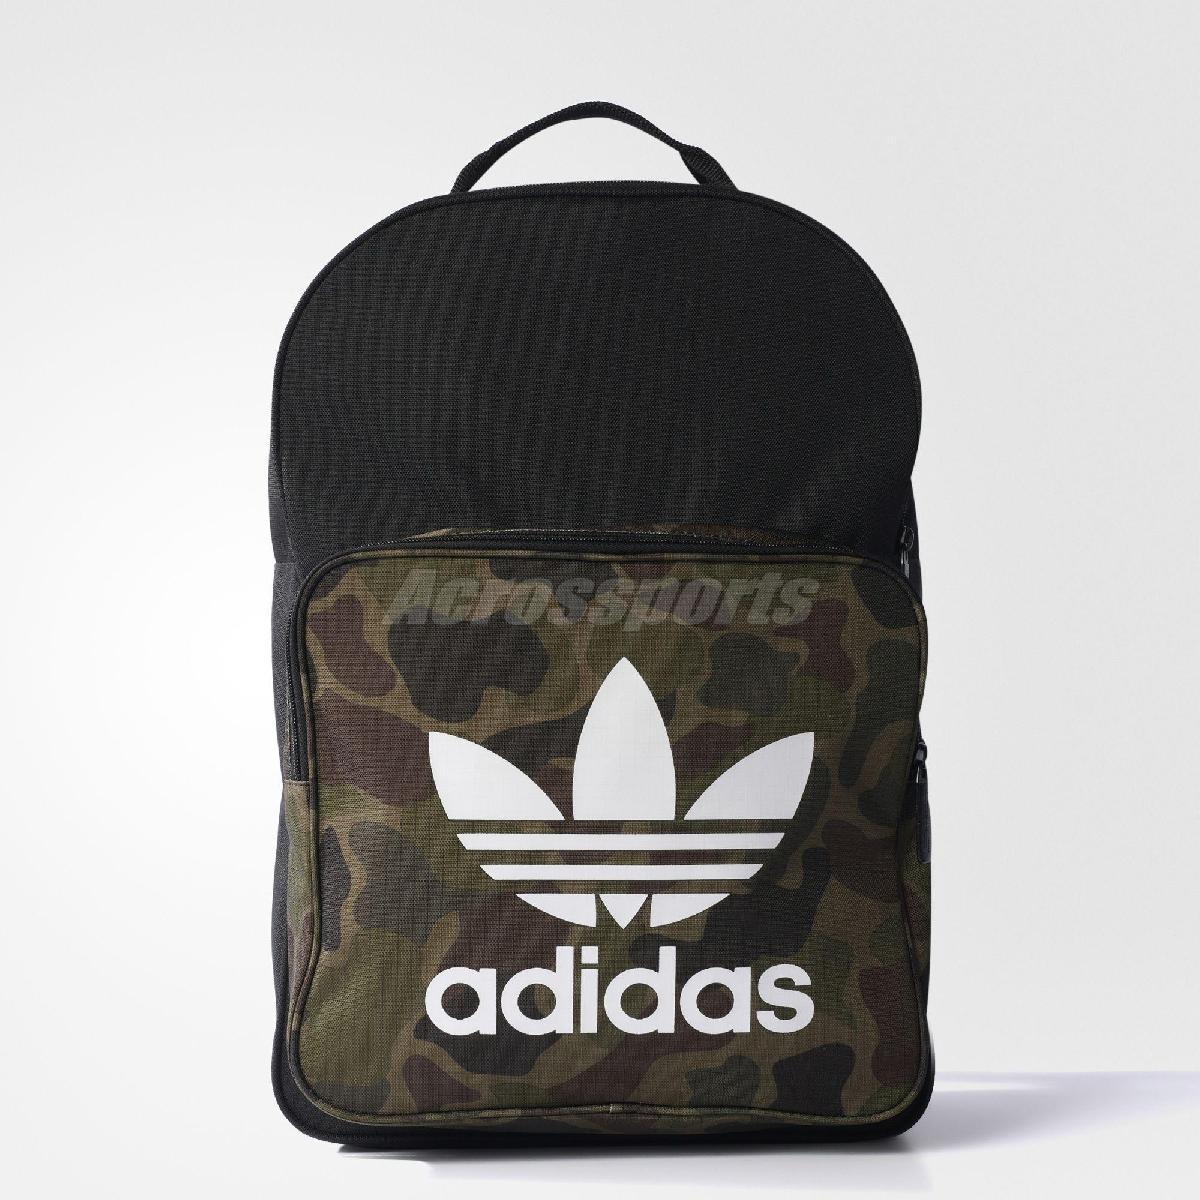 愛迪達adidas Classic Camouflage Backpack黑白迷彩三葉草雙肩後背包PUMP306 BK7214